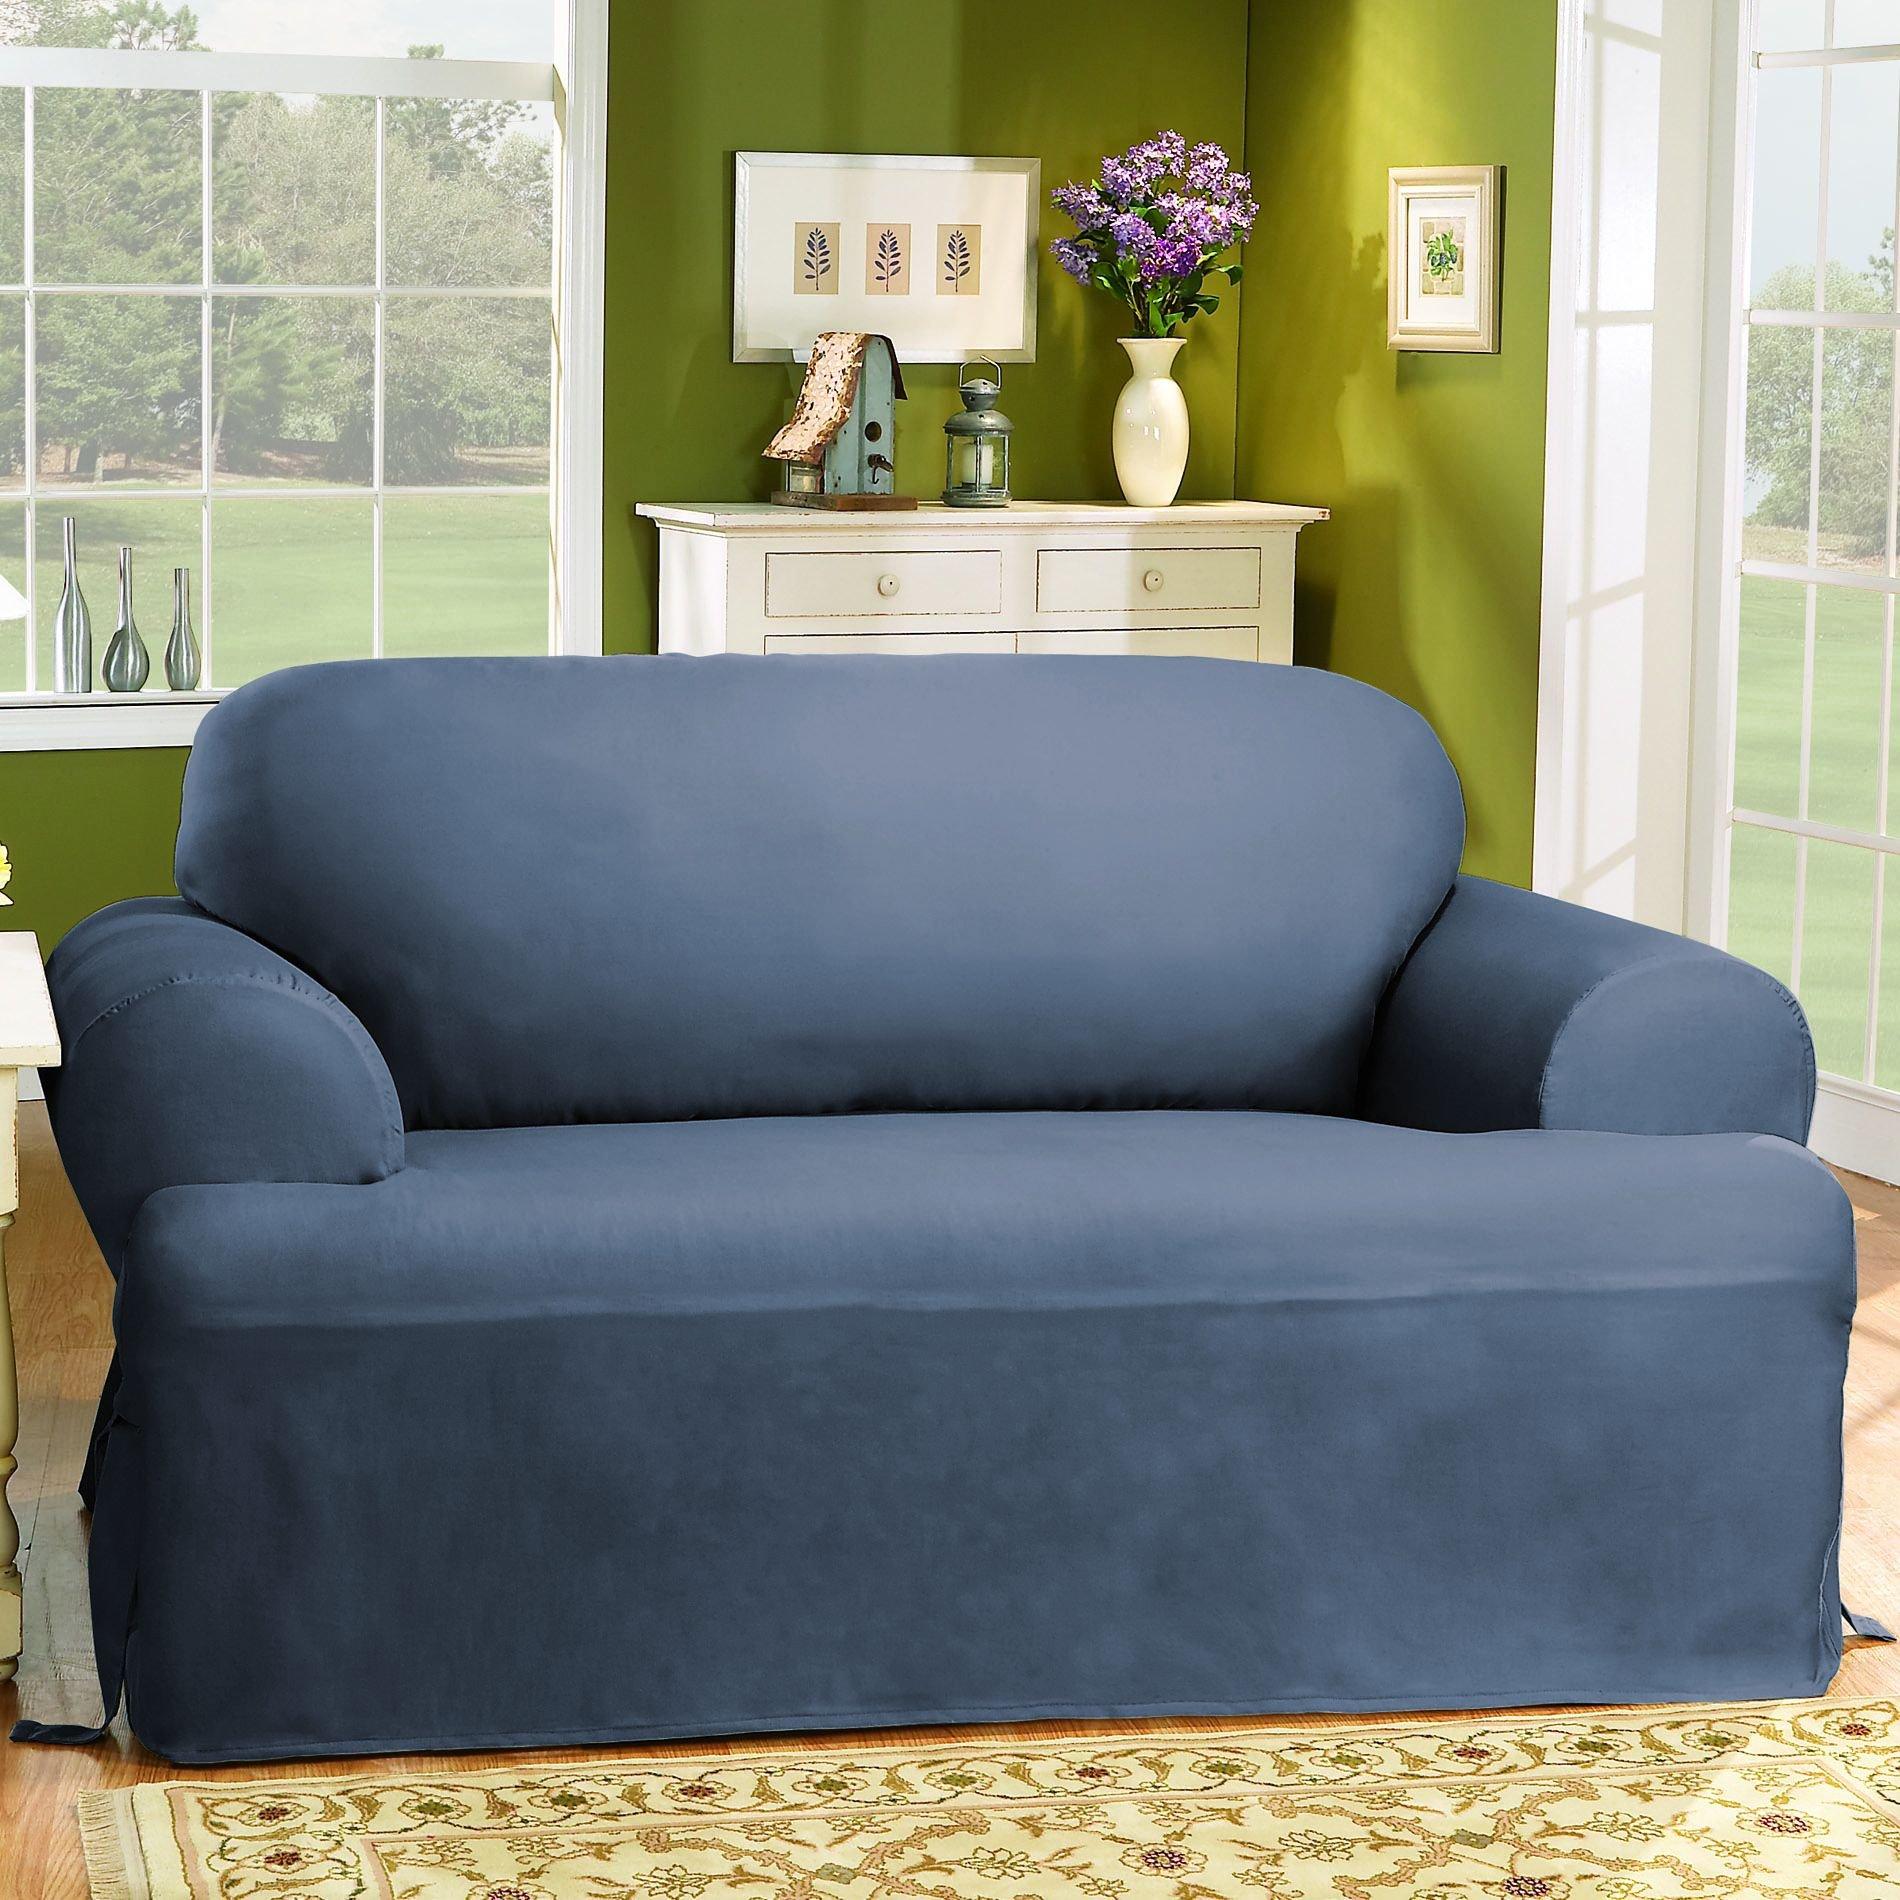 Sure Fit Cotton Duck T-Cushion Loveseat Slipcover, Bluestone by Surefit